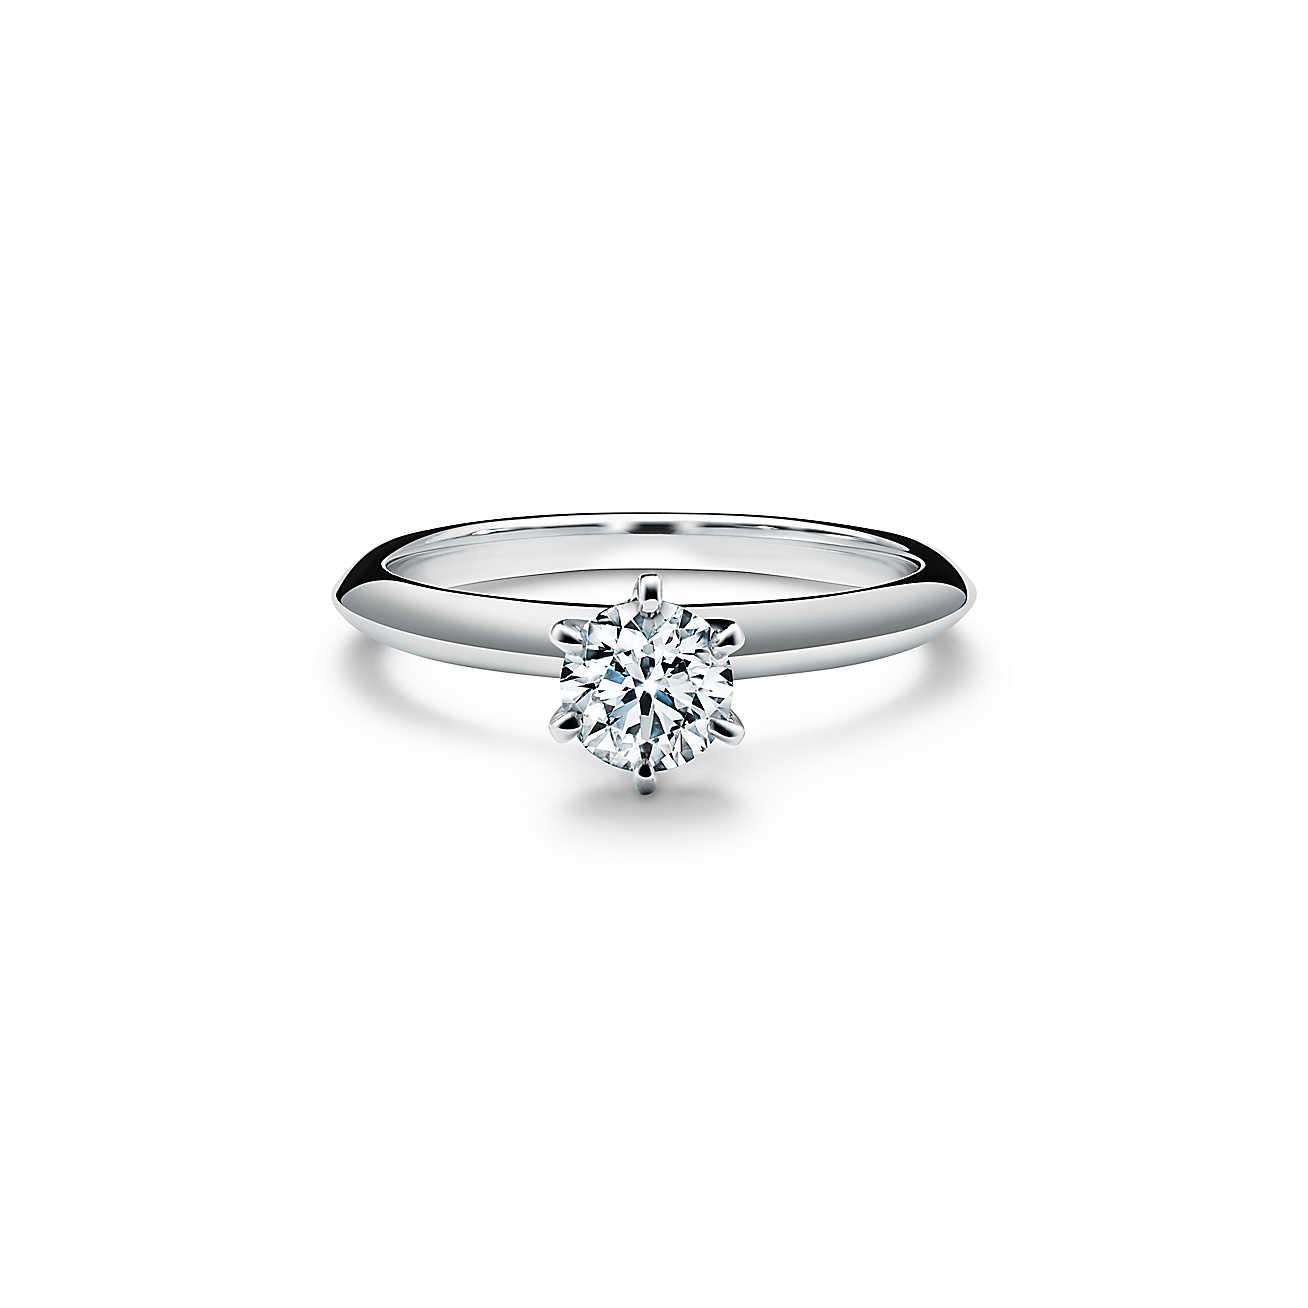 Anello Solitario in Oro Bianco con Diamante taglio Brillante F puro certificato HRD Antwerp